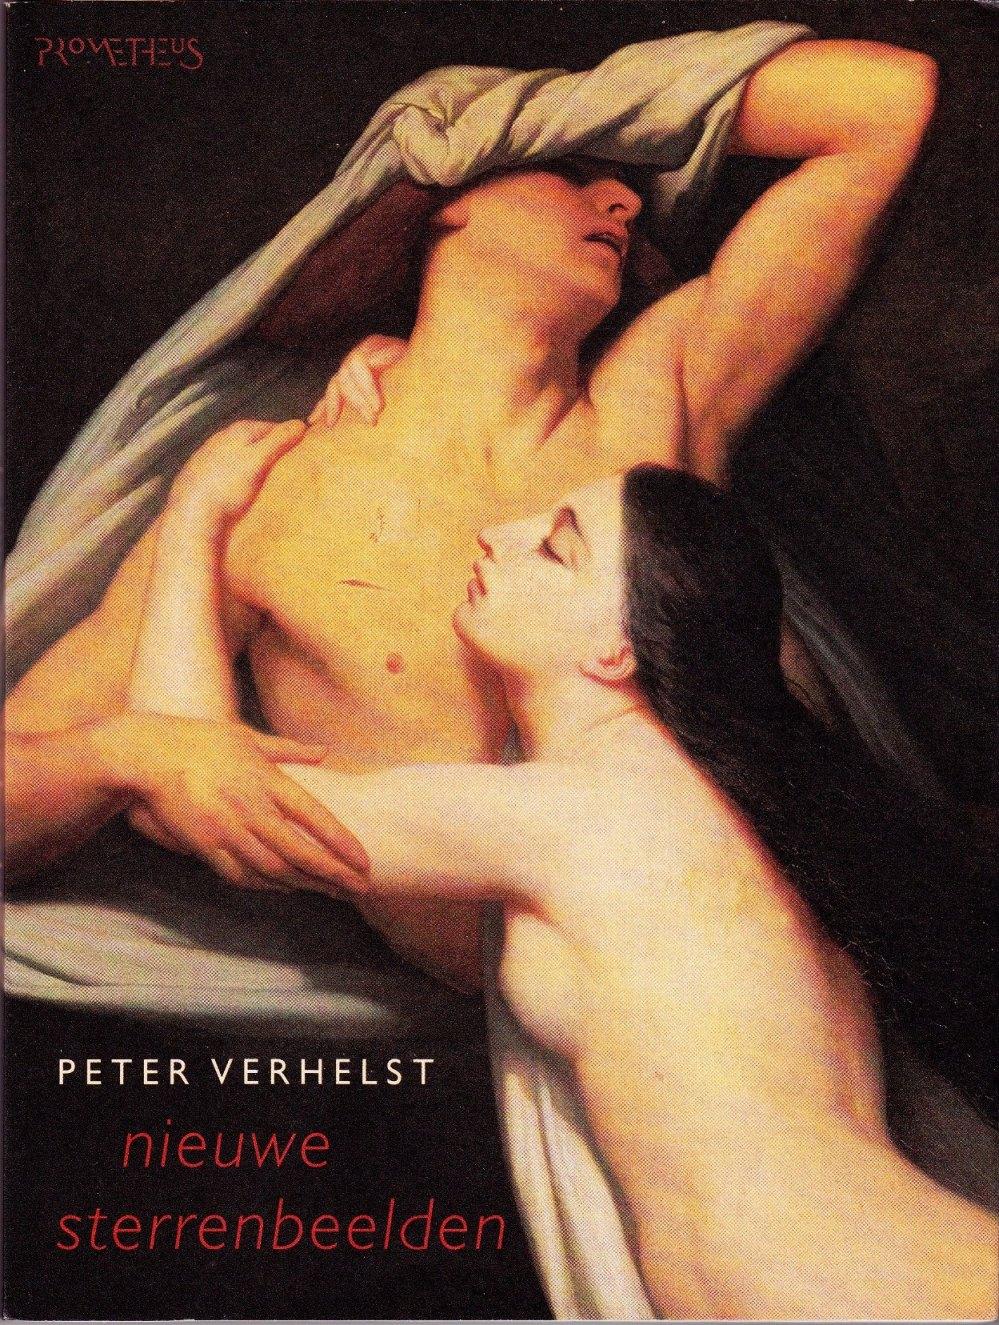 Peter Verhelst, Nieuwe sterrenbeelden